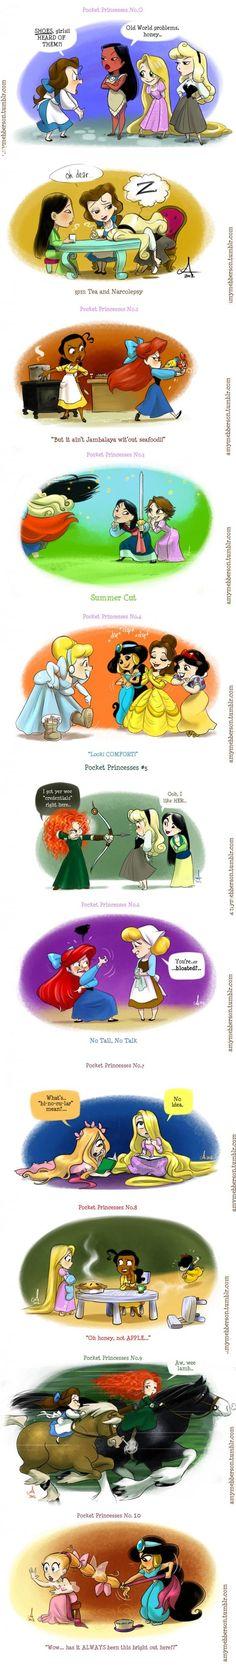 pocket princesses # 0-10